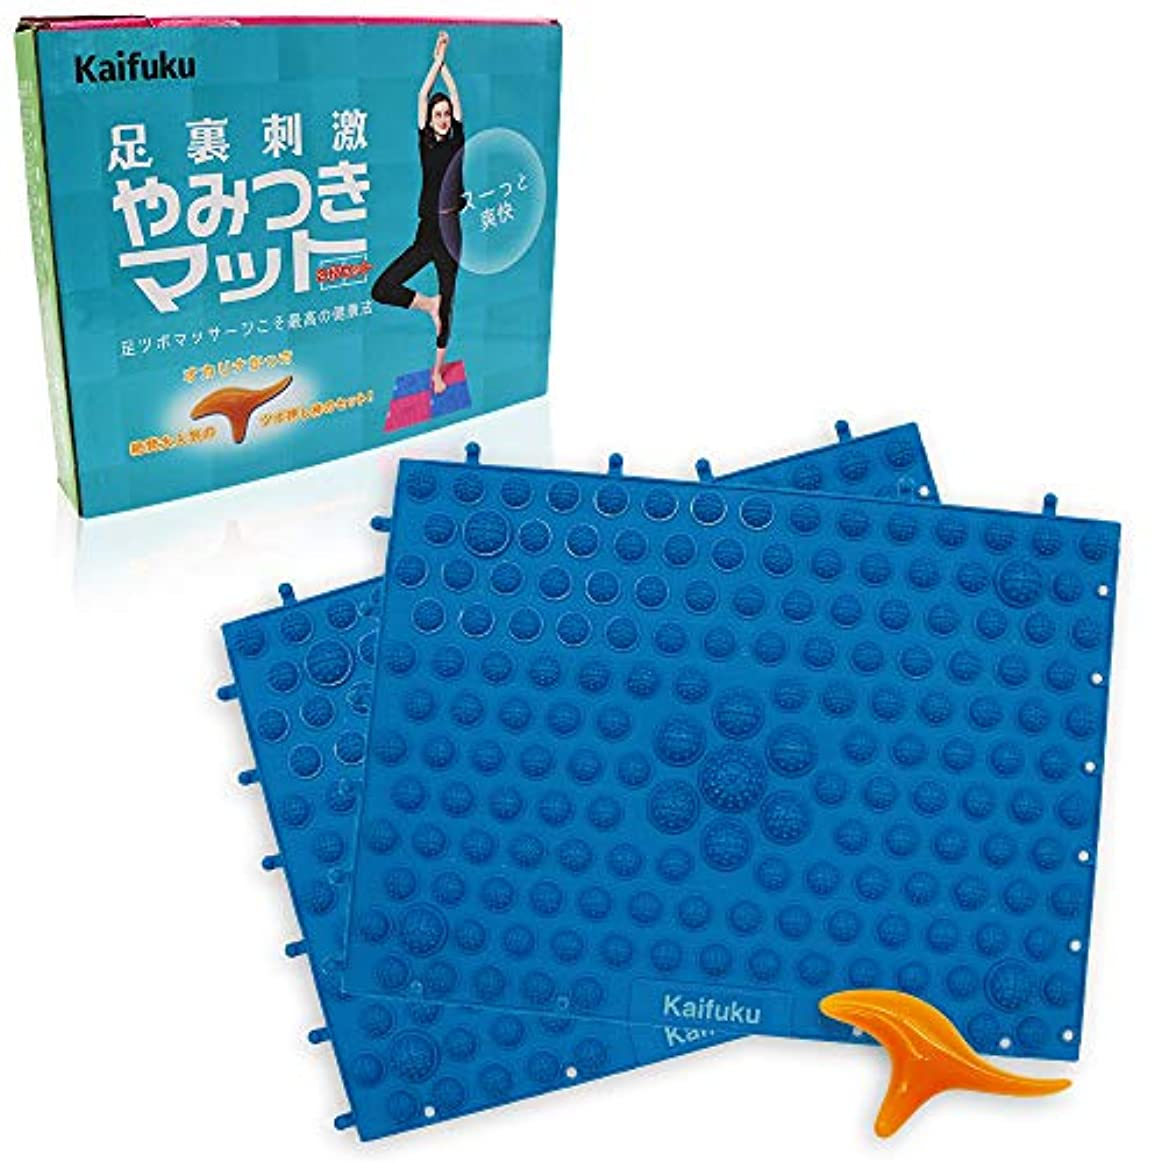 グラディス適応的ソーダ水kaifuku 足つぼマット 足つぼ 足裏マッサージ 足つぼマッサージ ツボ押し棒 2枚セット (青)